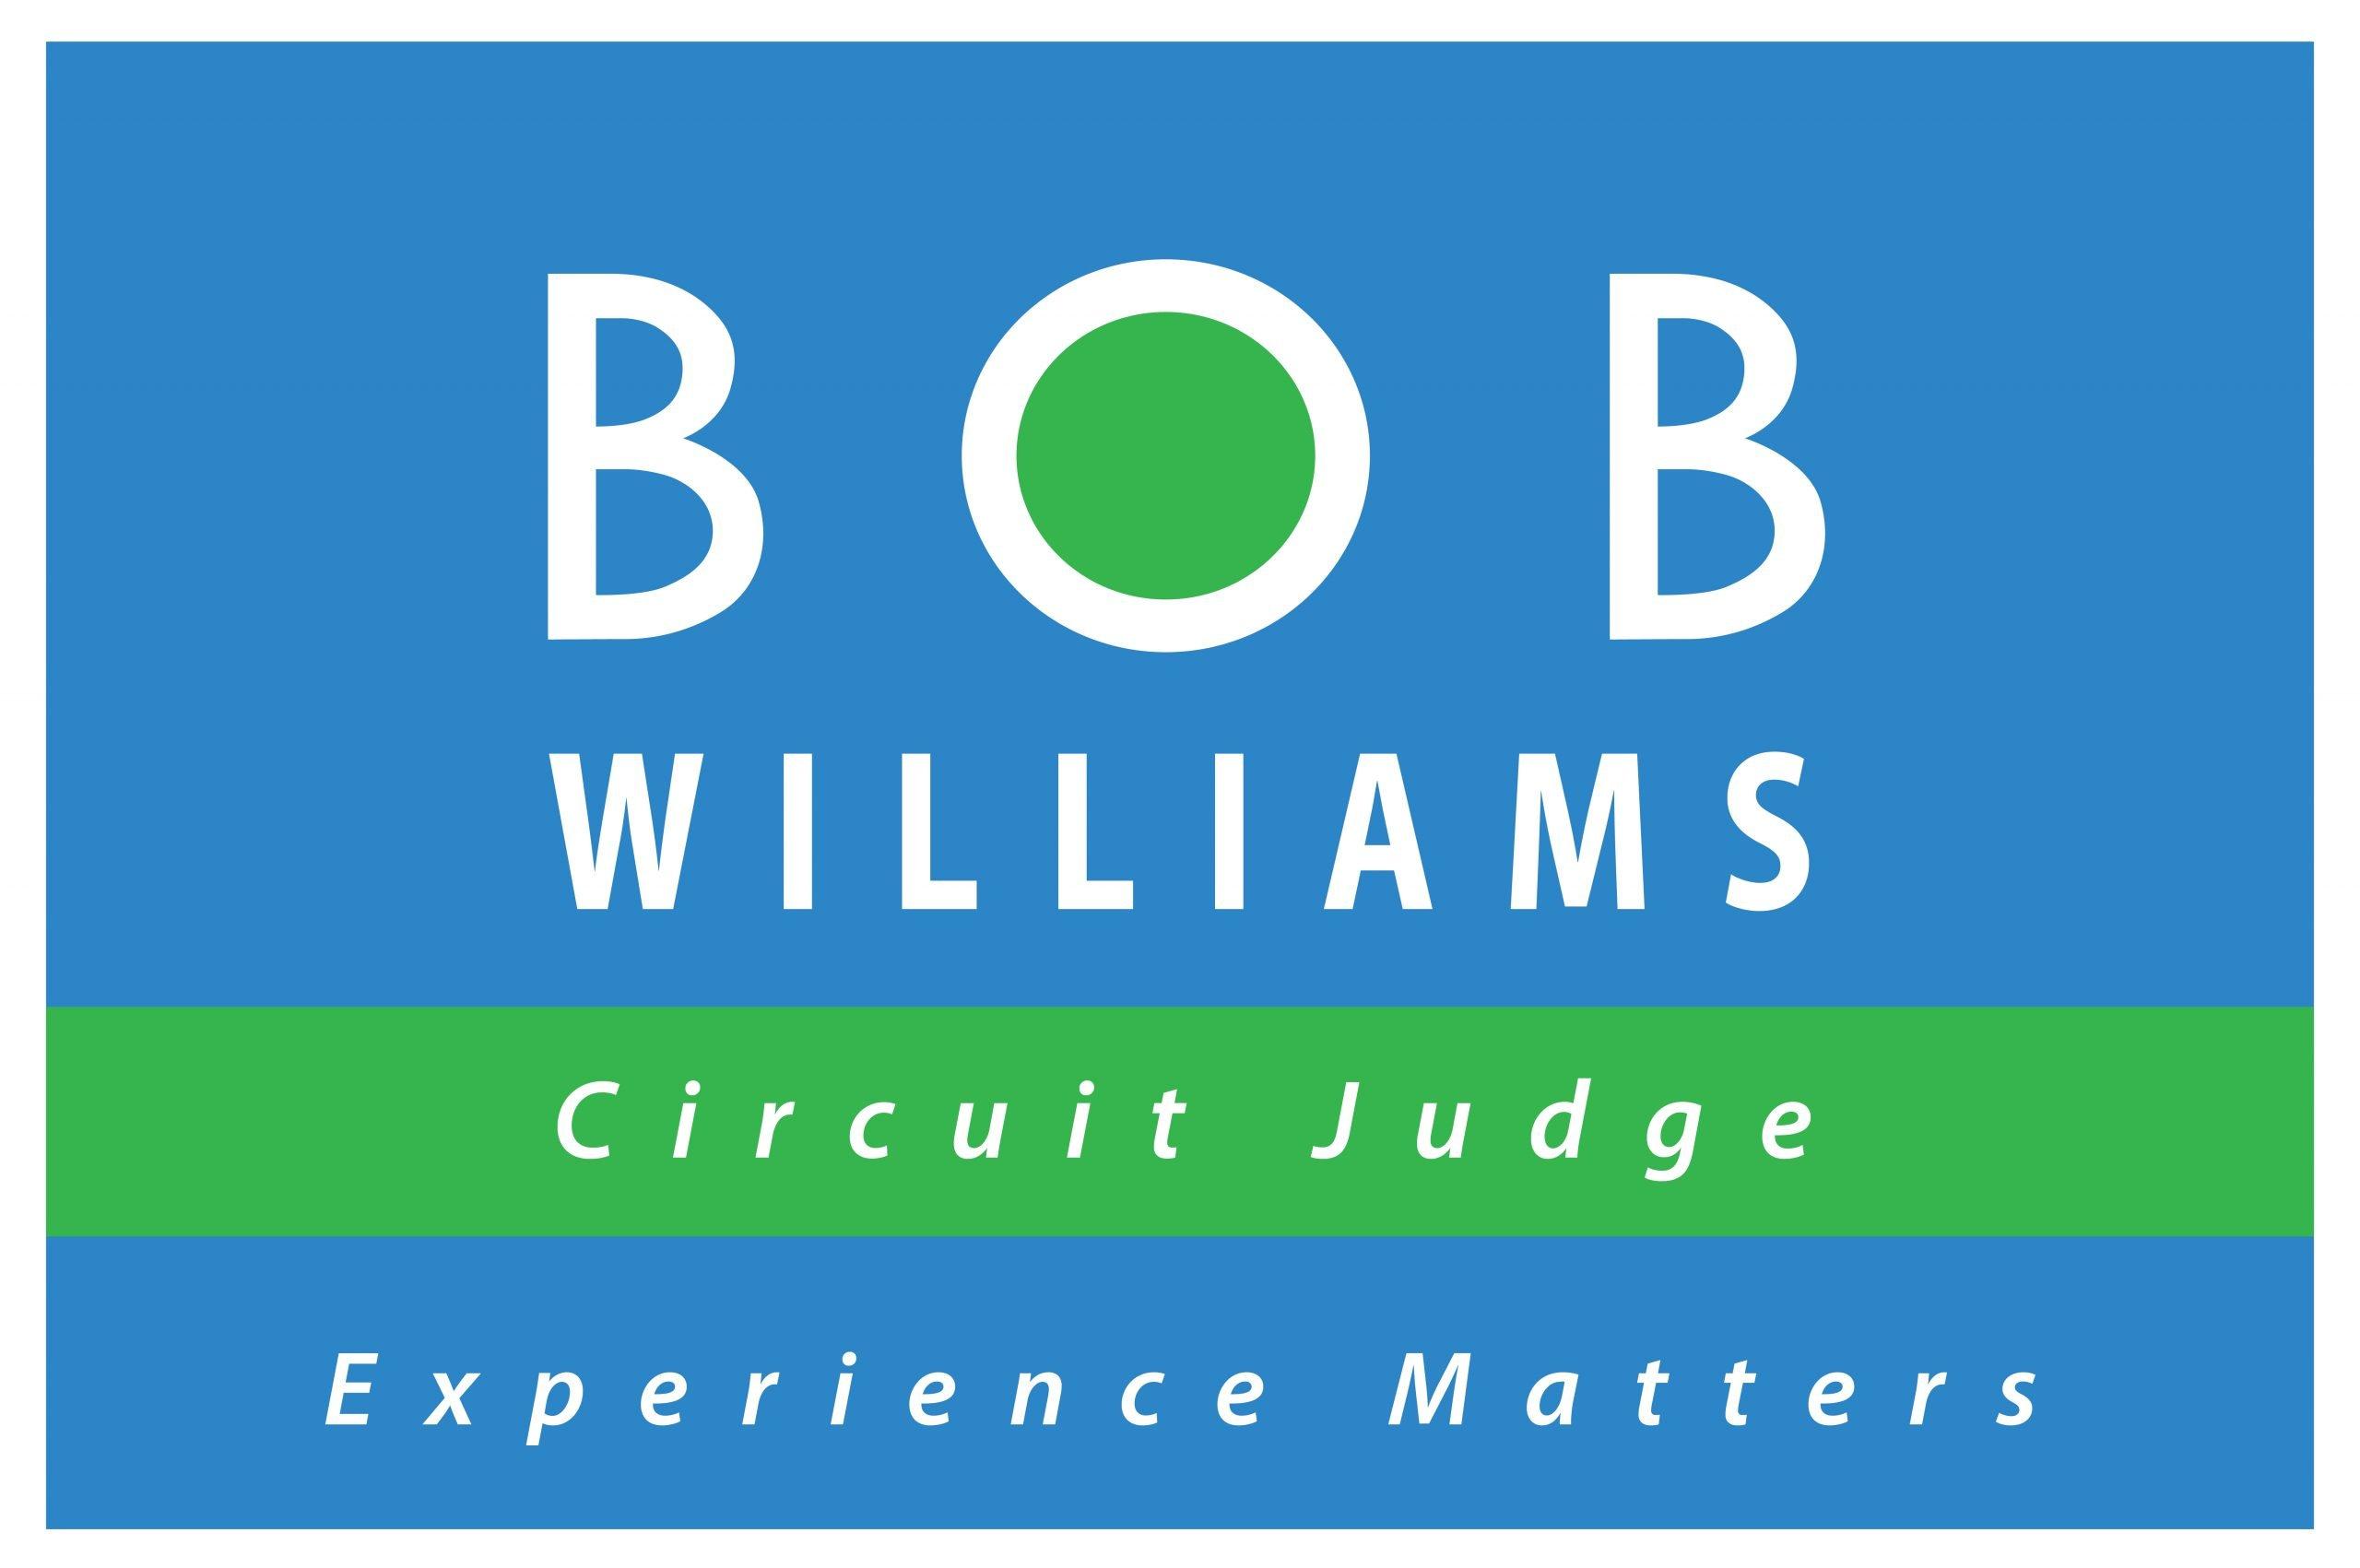 Williams Circuit Judge Sign Yard